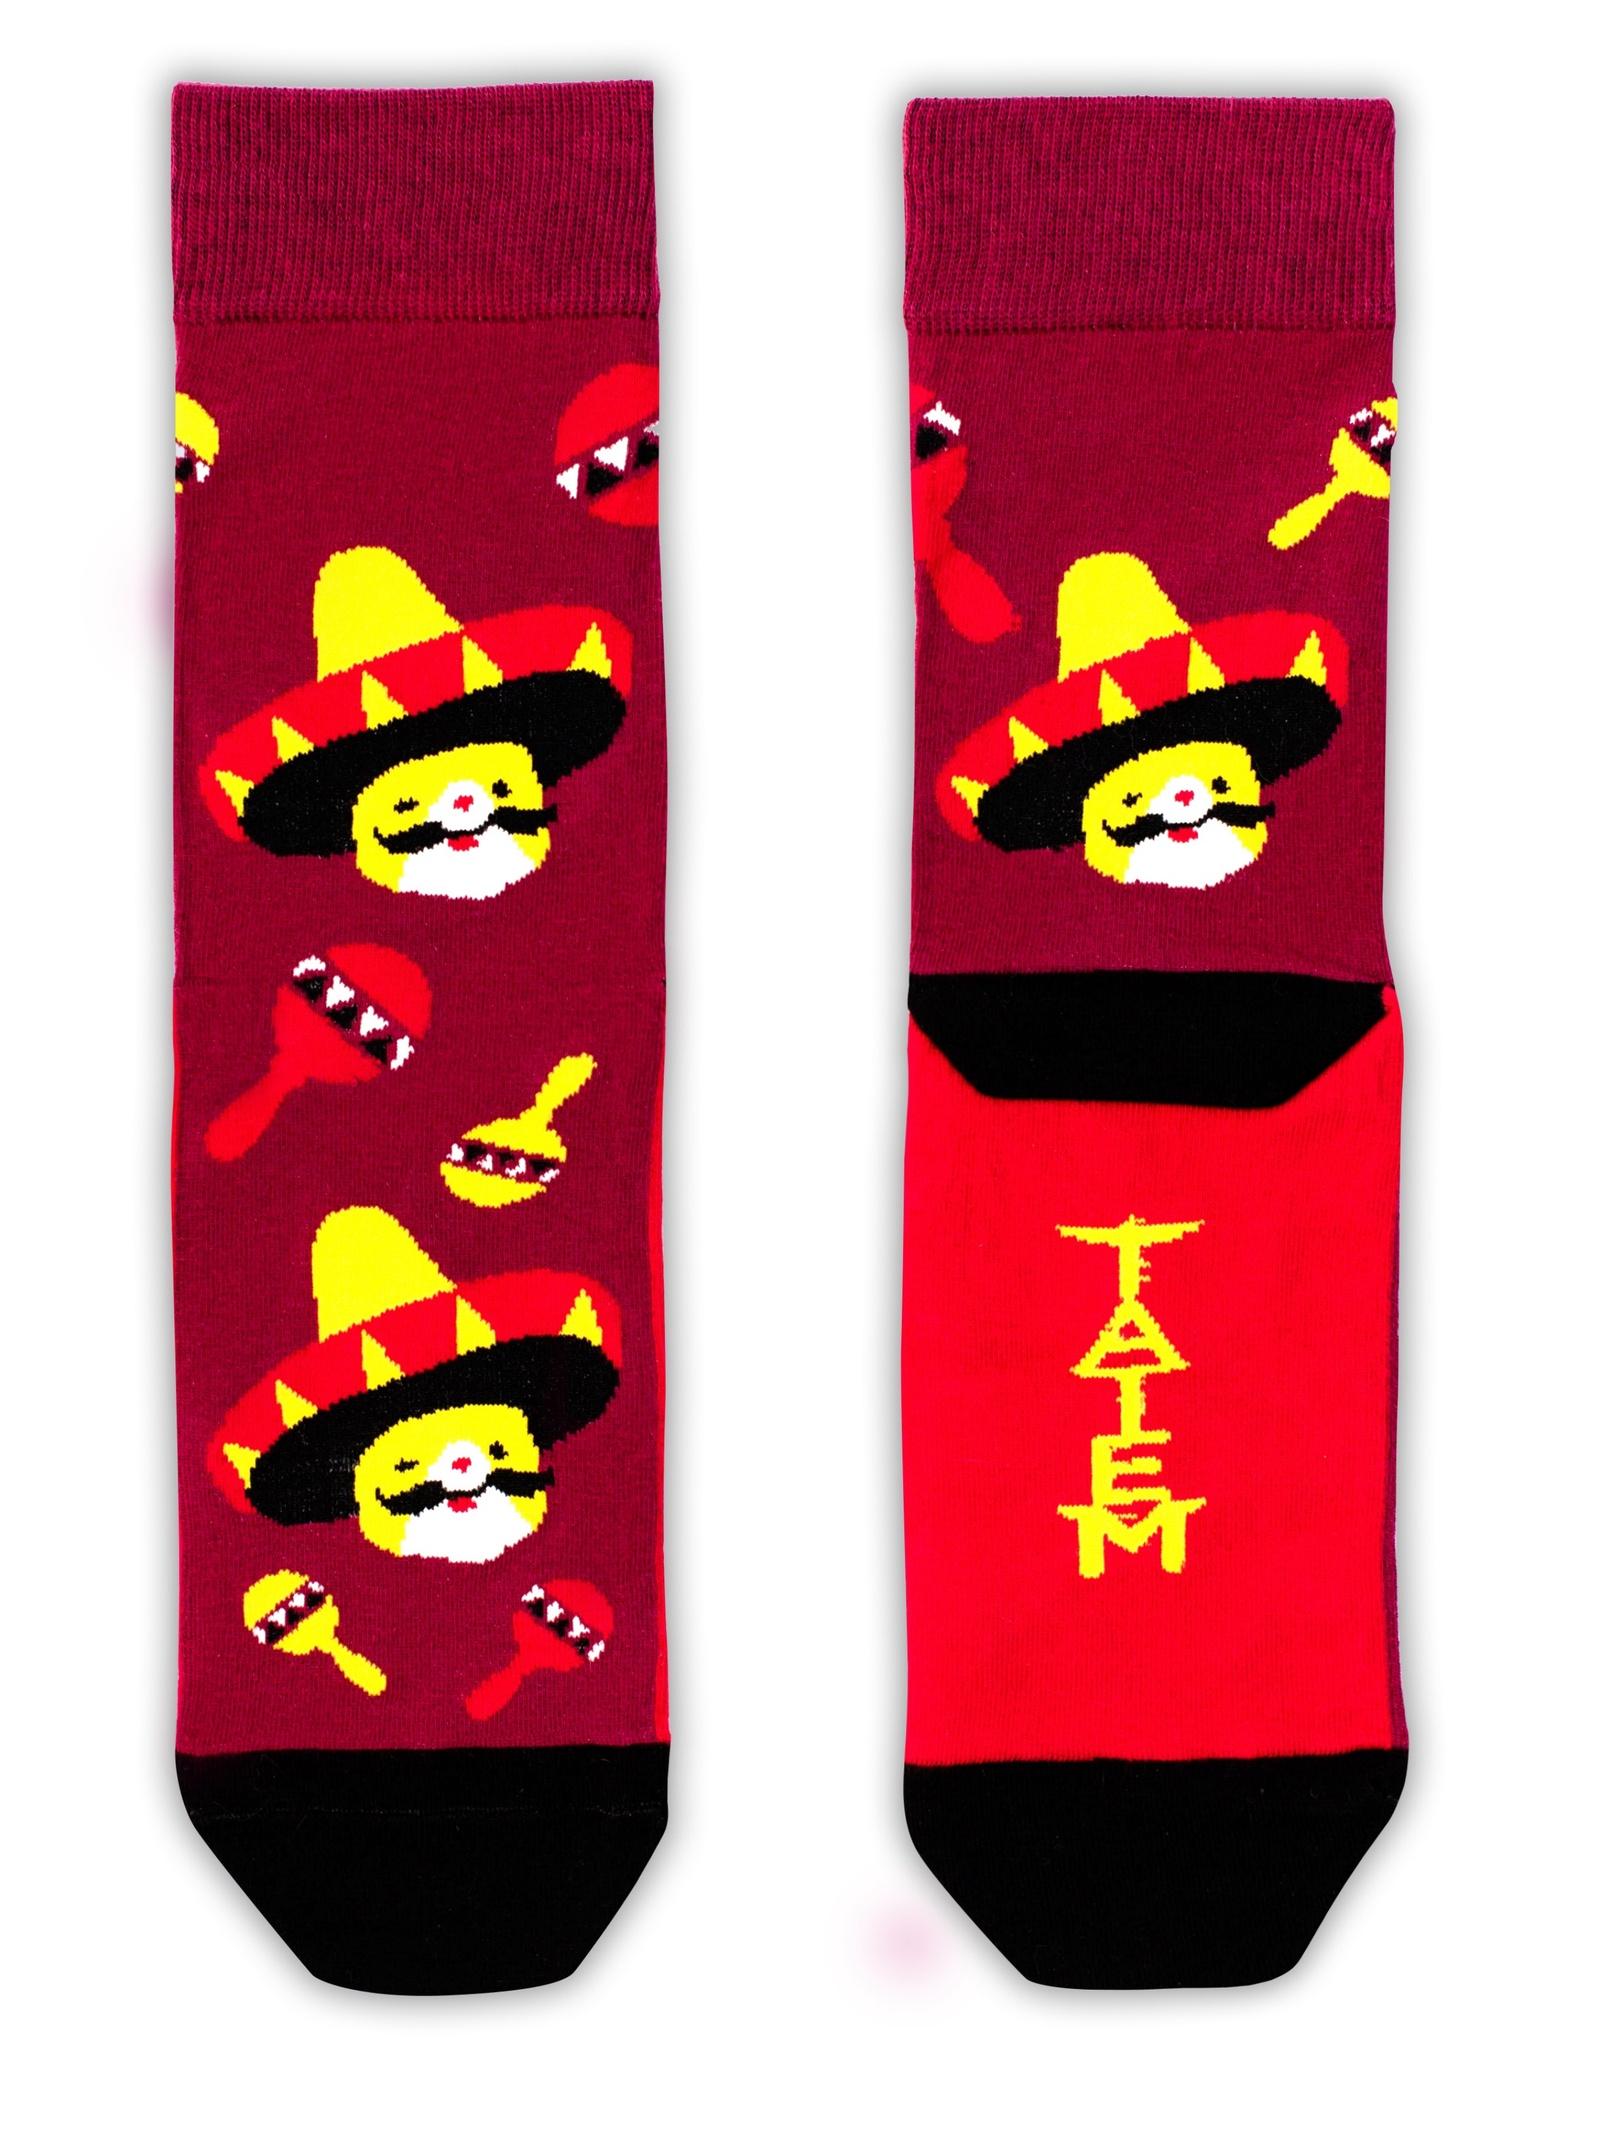 Комплект носков Tatem Socks dot mesh socks